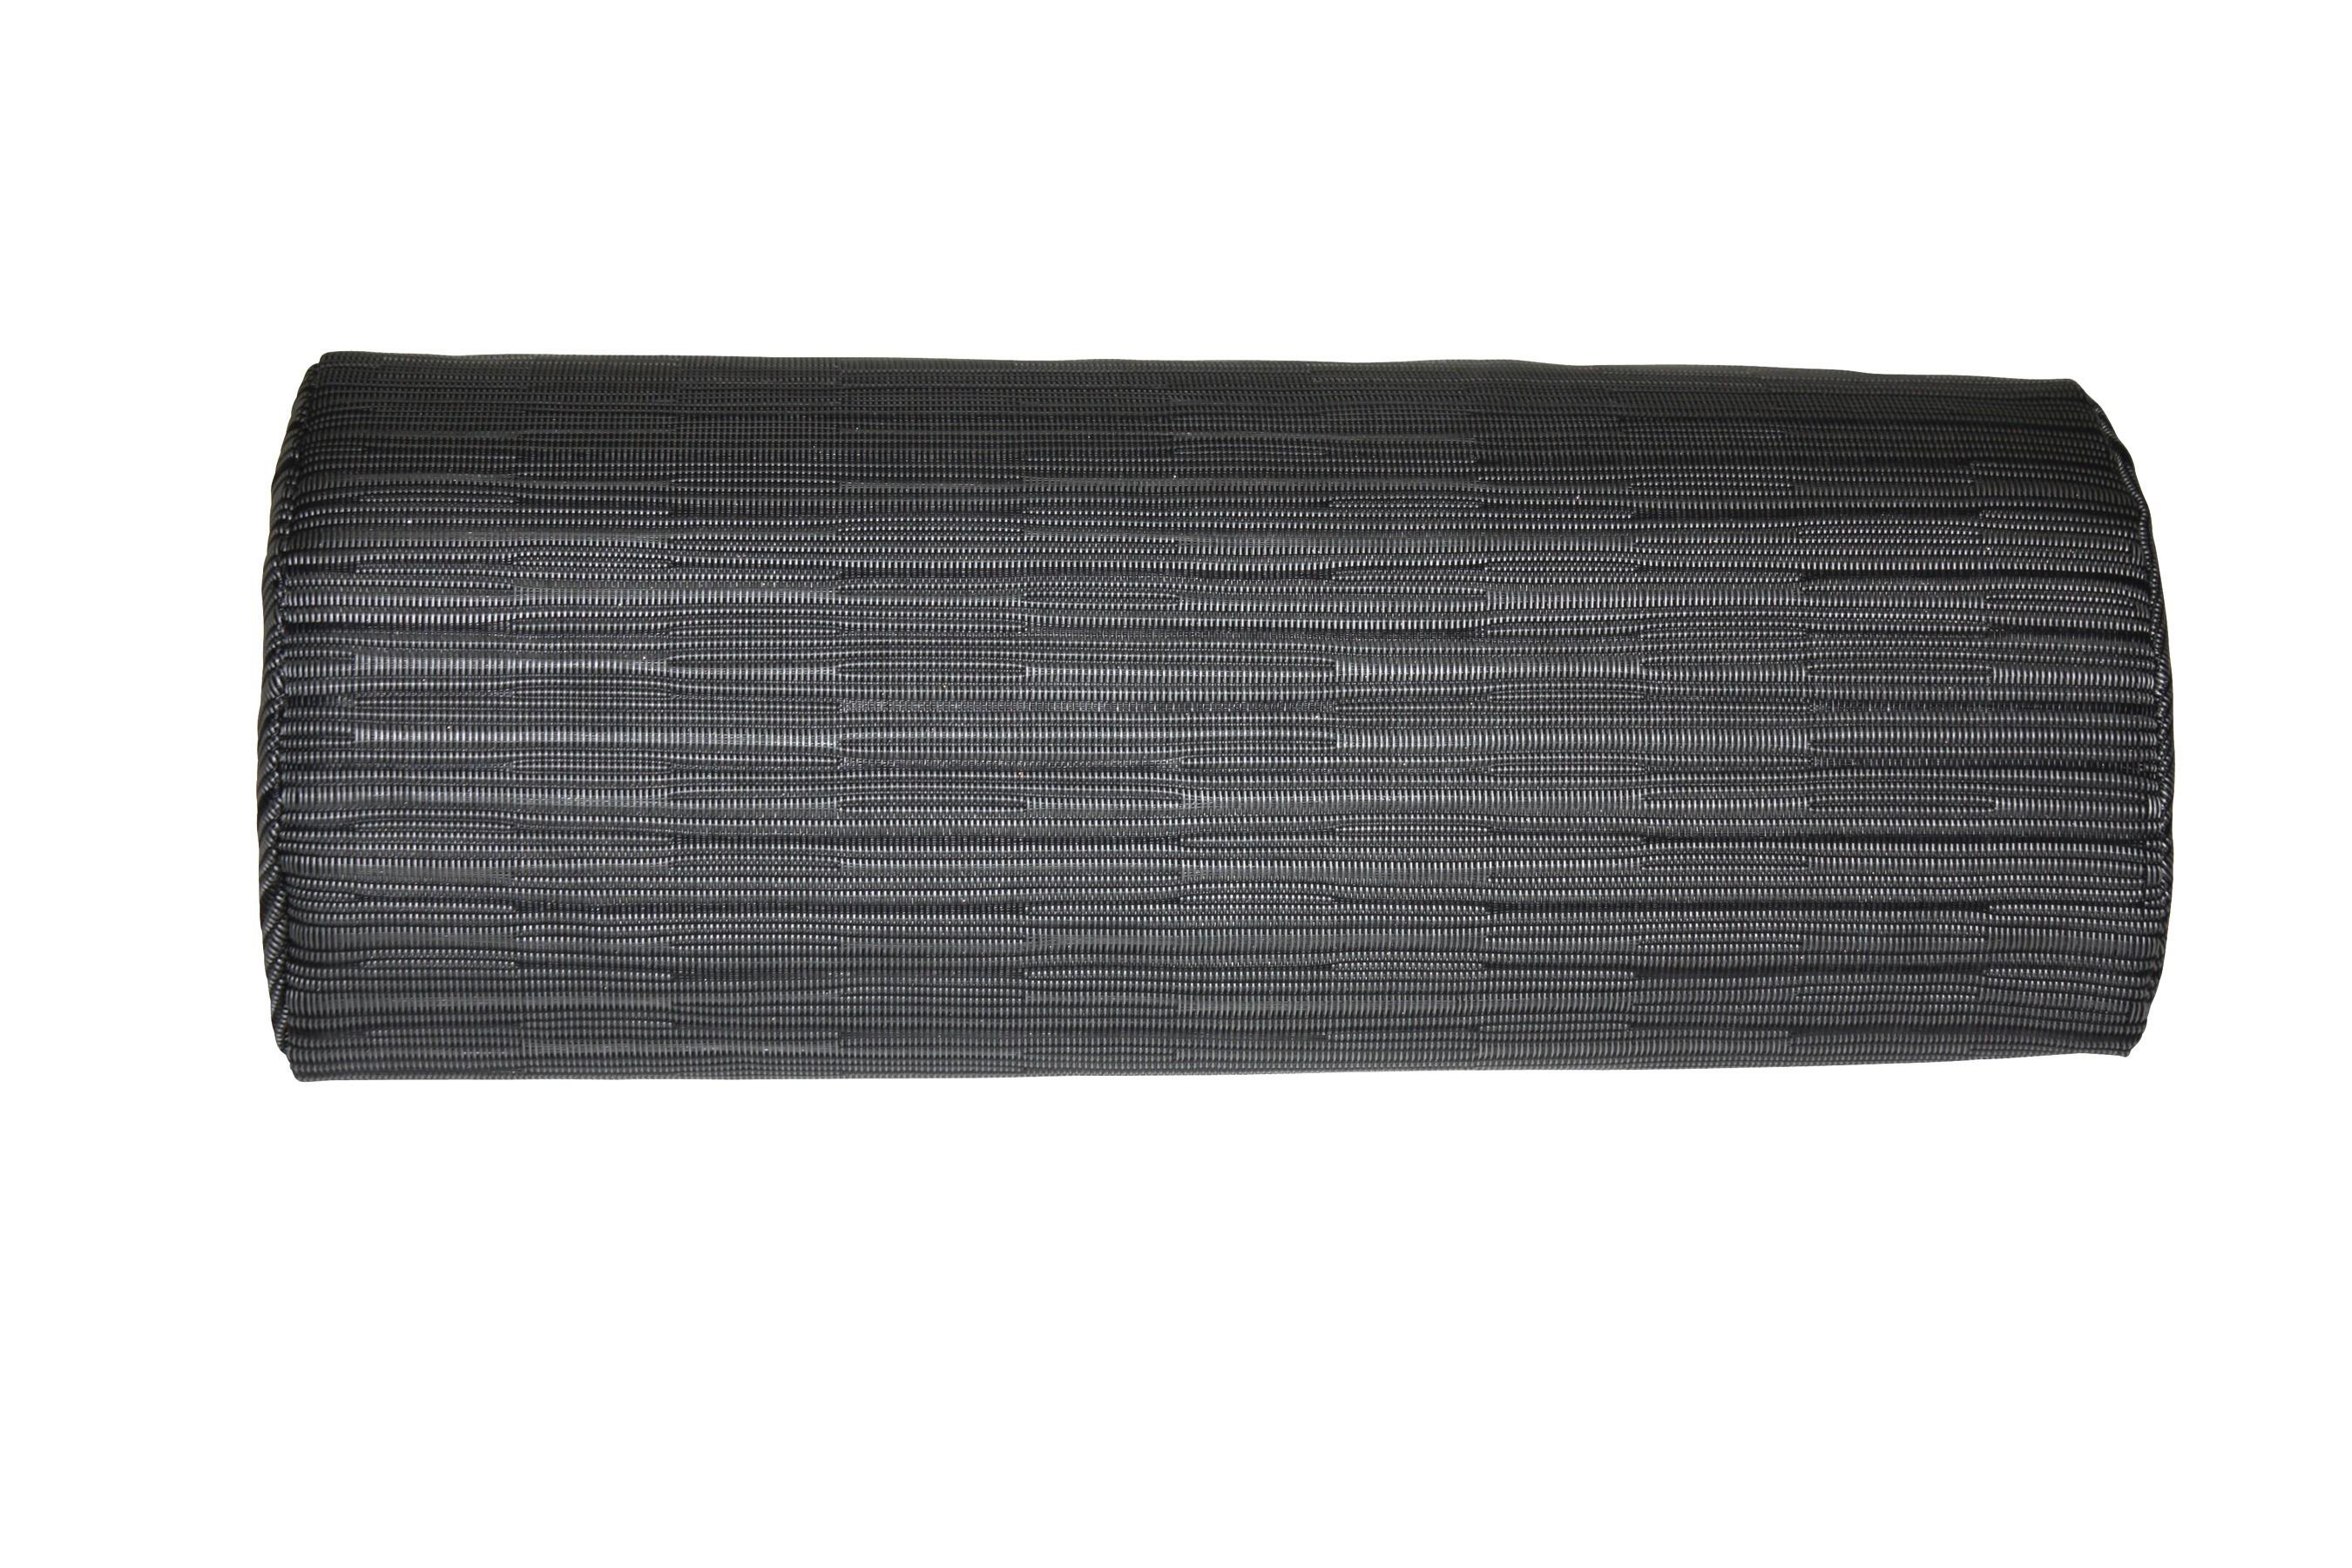 Sungörl Nackenkissen / Fußkissen Superior für Relaxliege Oasi Bild 1